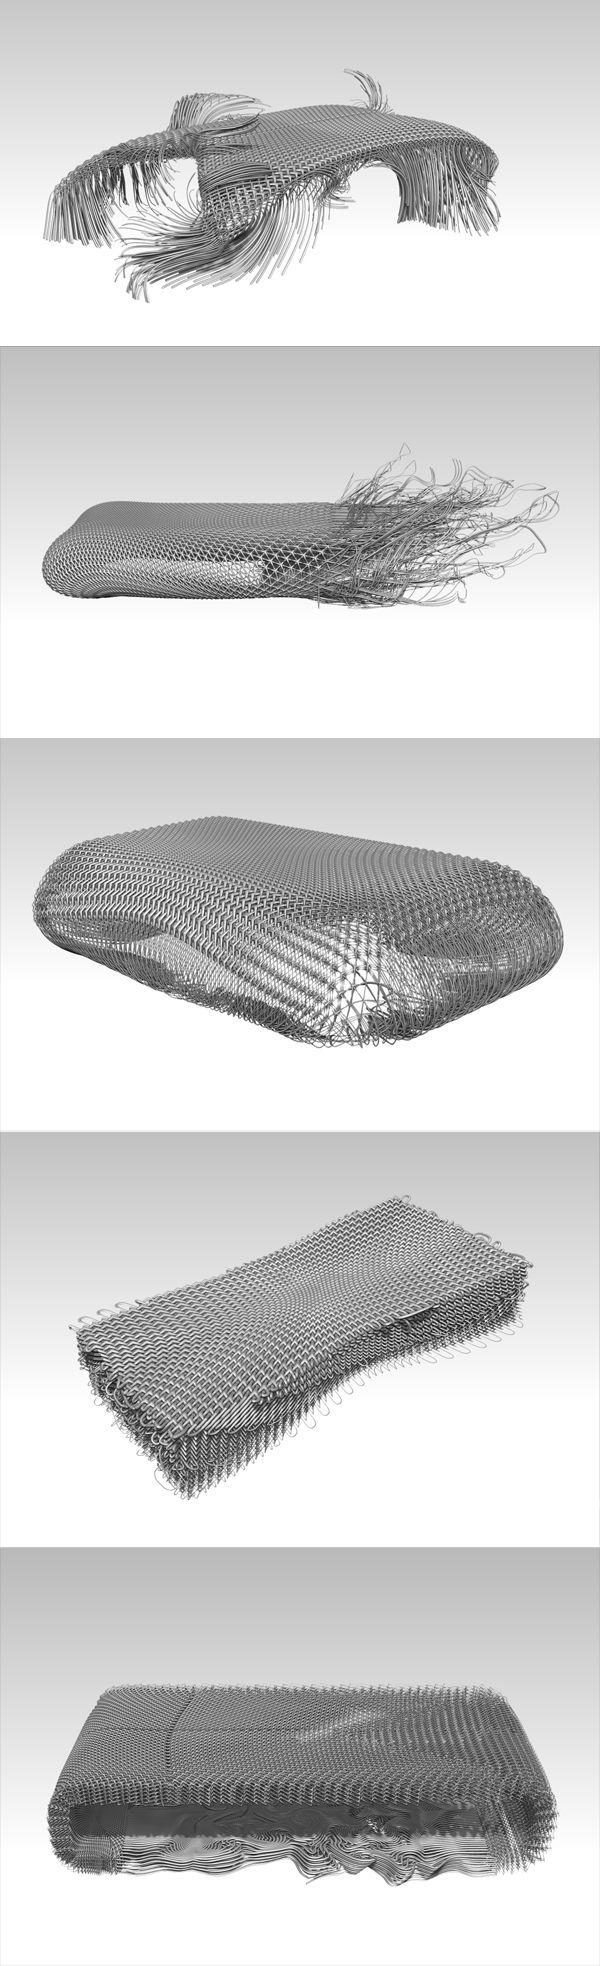 Nike Flyknit 2012.